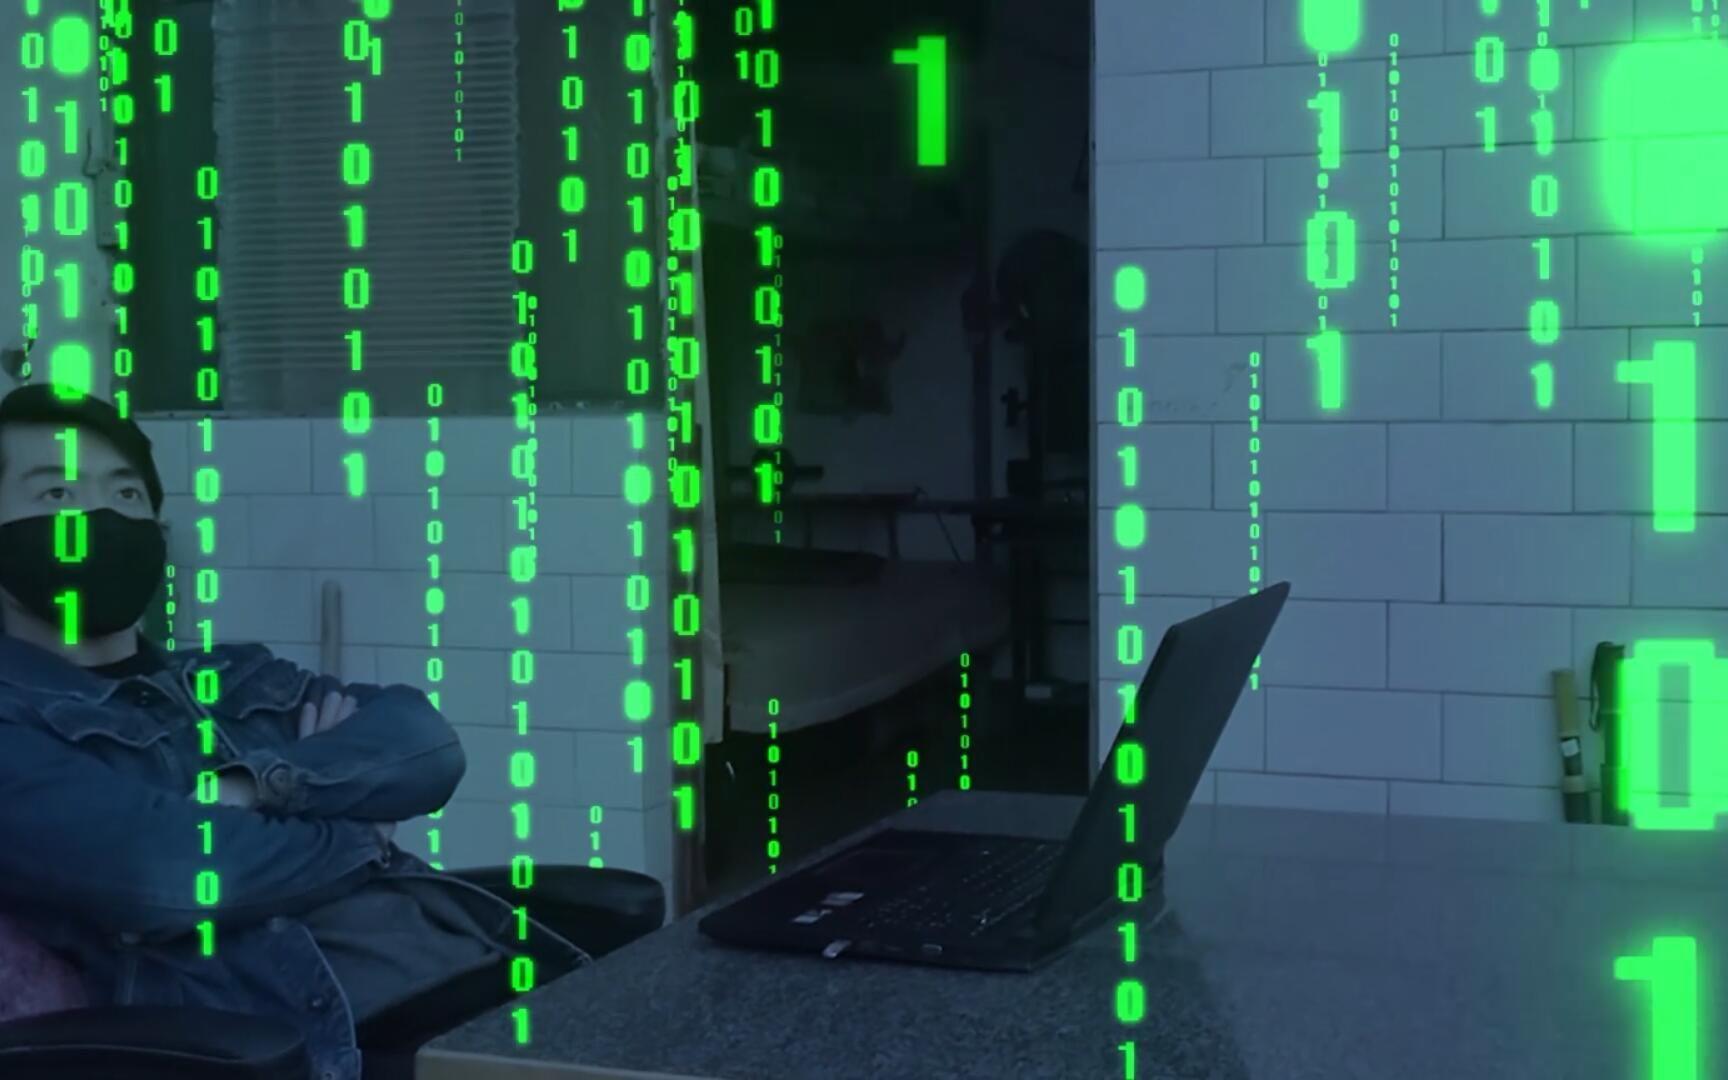 视频矩阵_AE如何制作炫酷的黑客帝国数字矩阵特效_哔哩哔哩 (゜-゜)つロ 干 ...